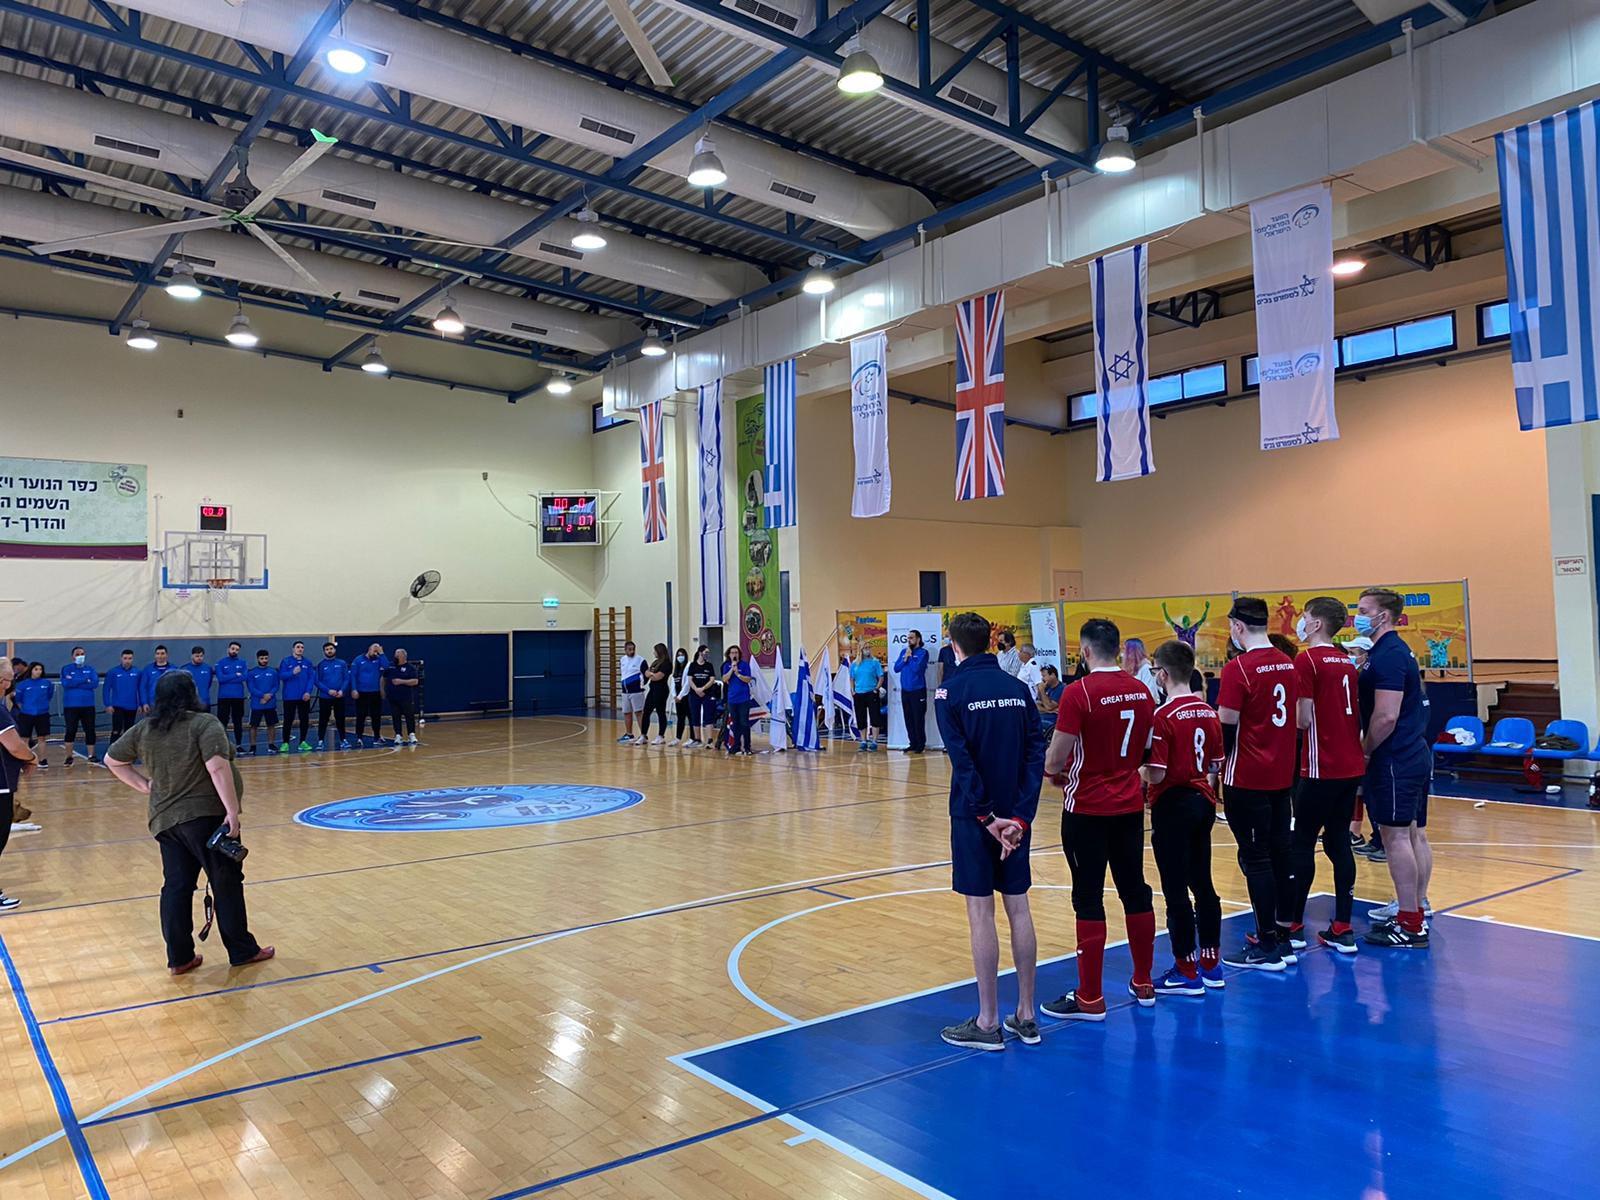 GB Men's team stood together as a team pre-match.